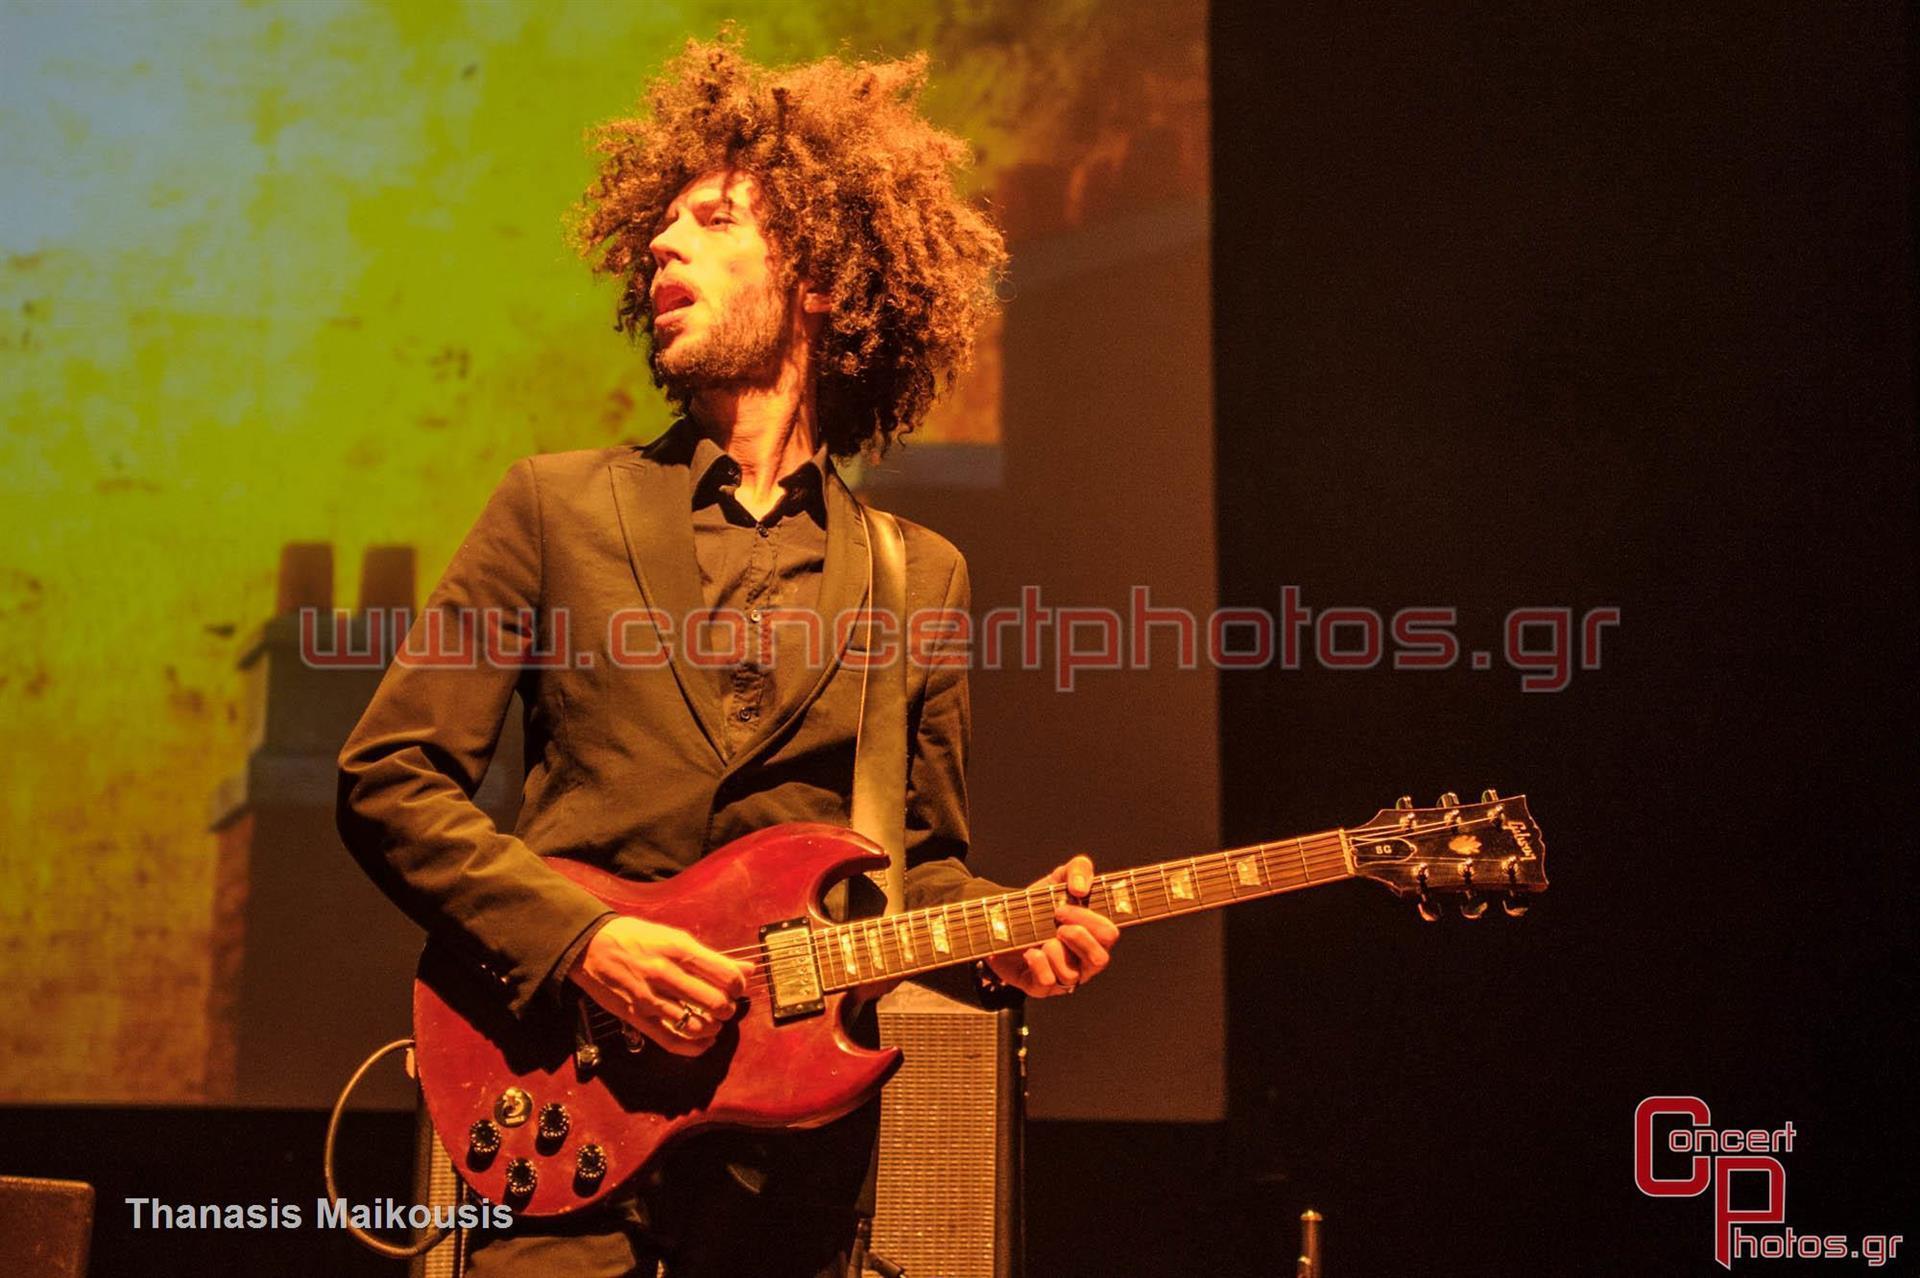 Wax Tailor - photographer: Thanasis Maikousis - ConcertPhotos-7629